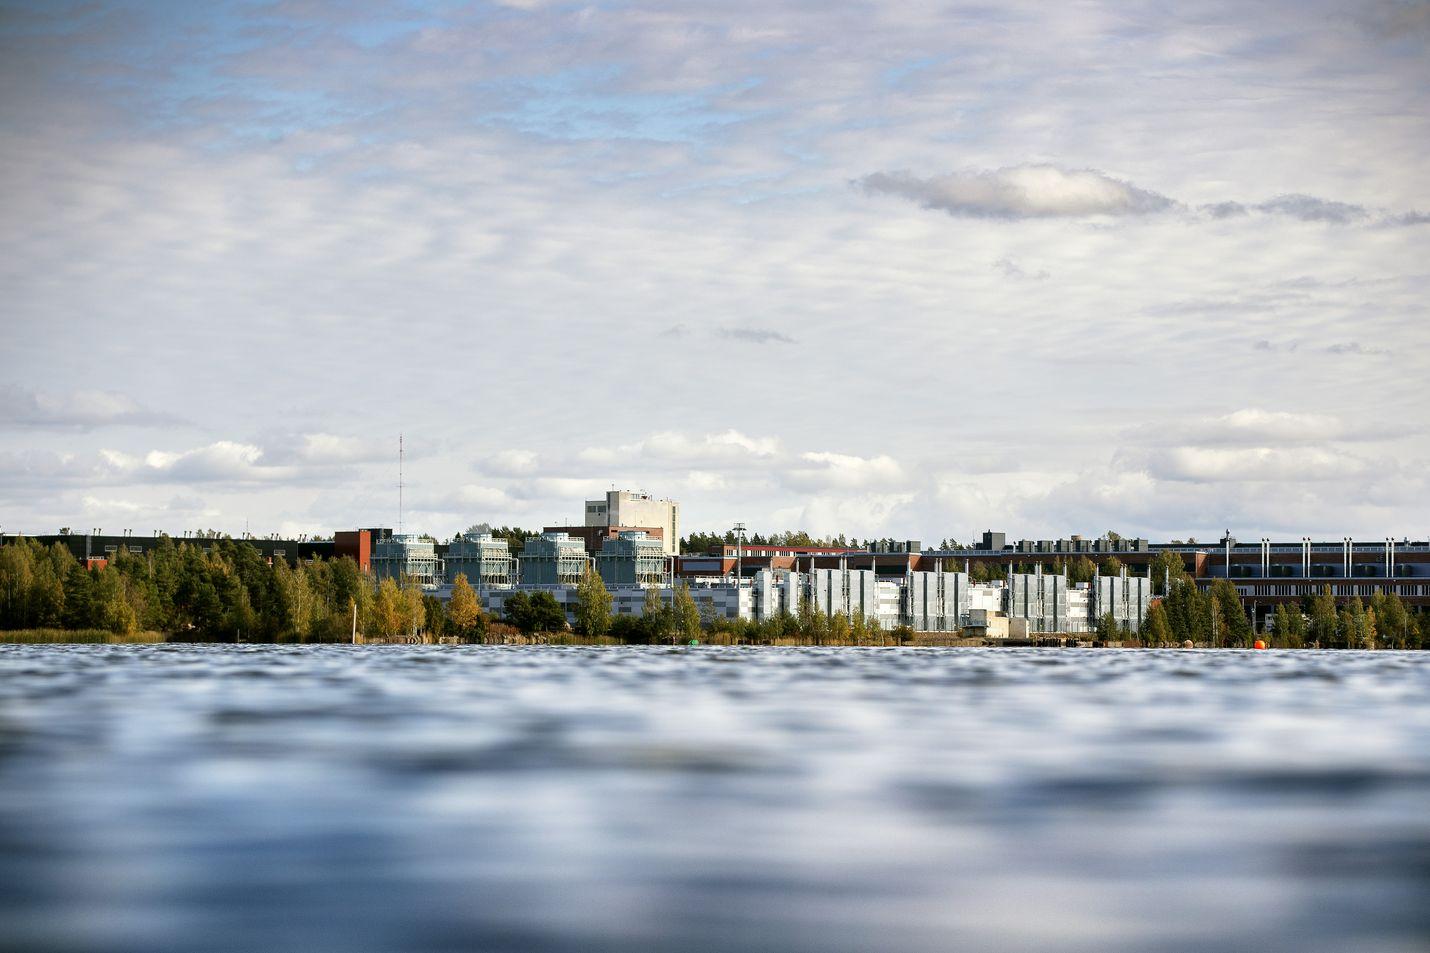 Googlen Haminan palvelinkeskus käyttää jäähdytyksessä merivettä. Jäähdytysjärjestelmä on yhtiön edistyneimpiä.